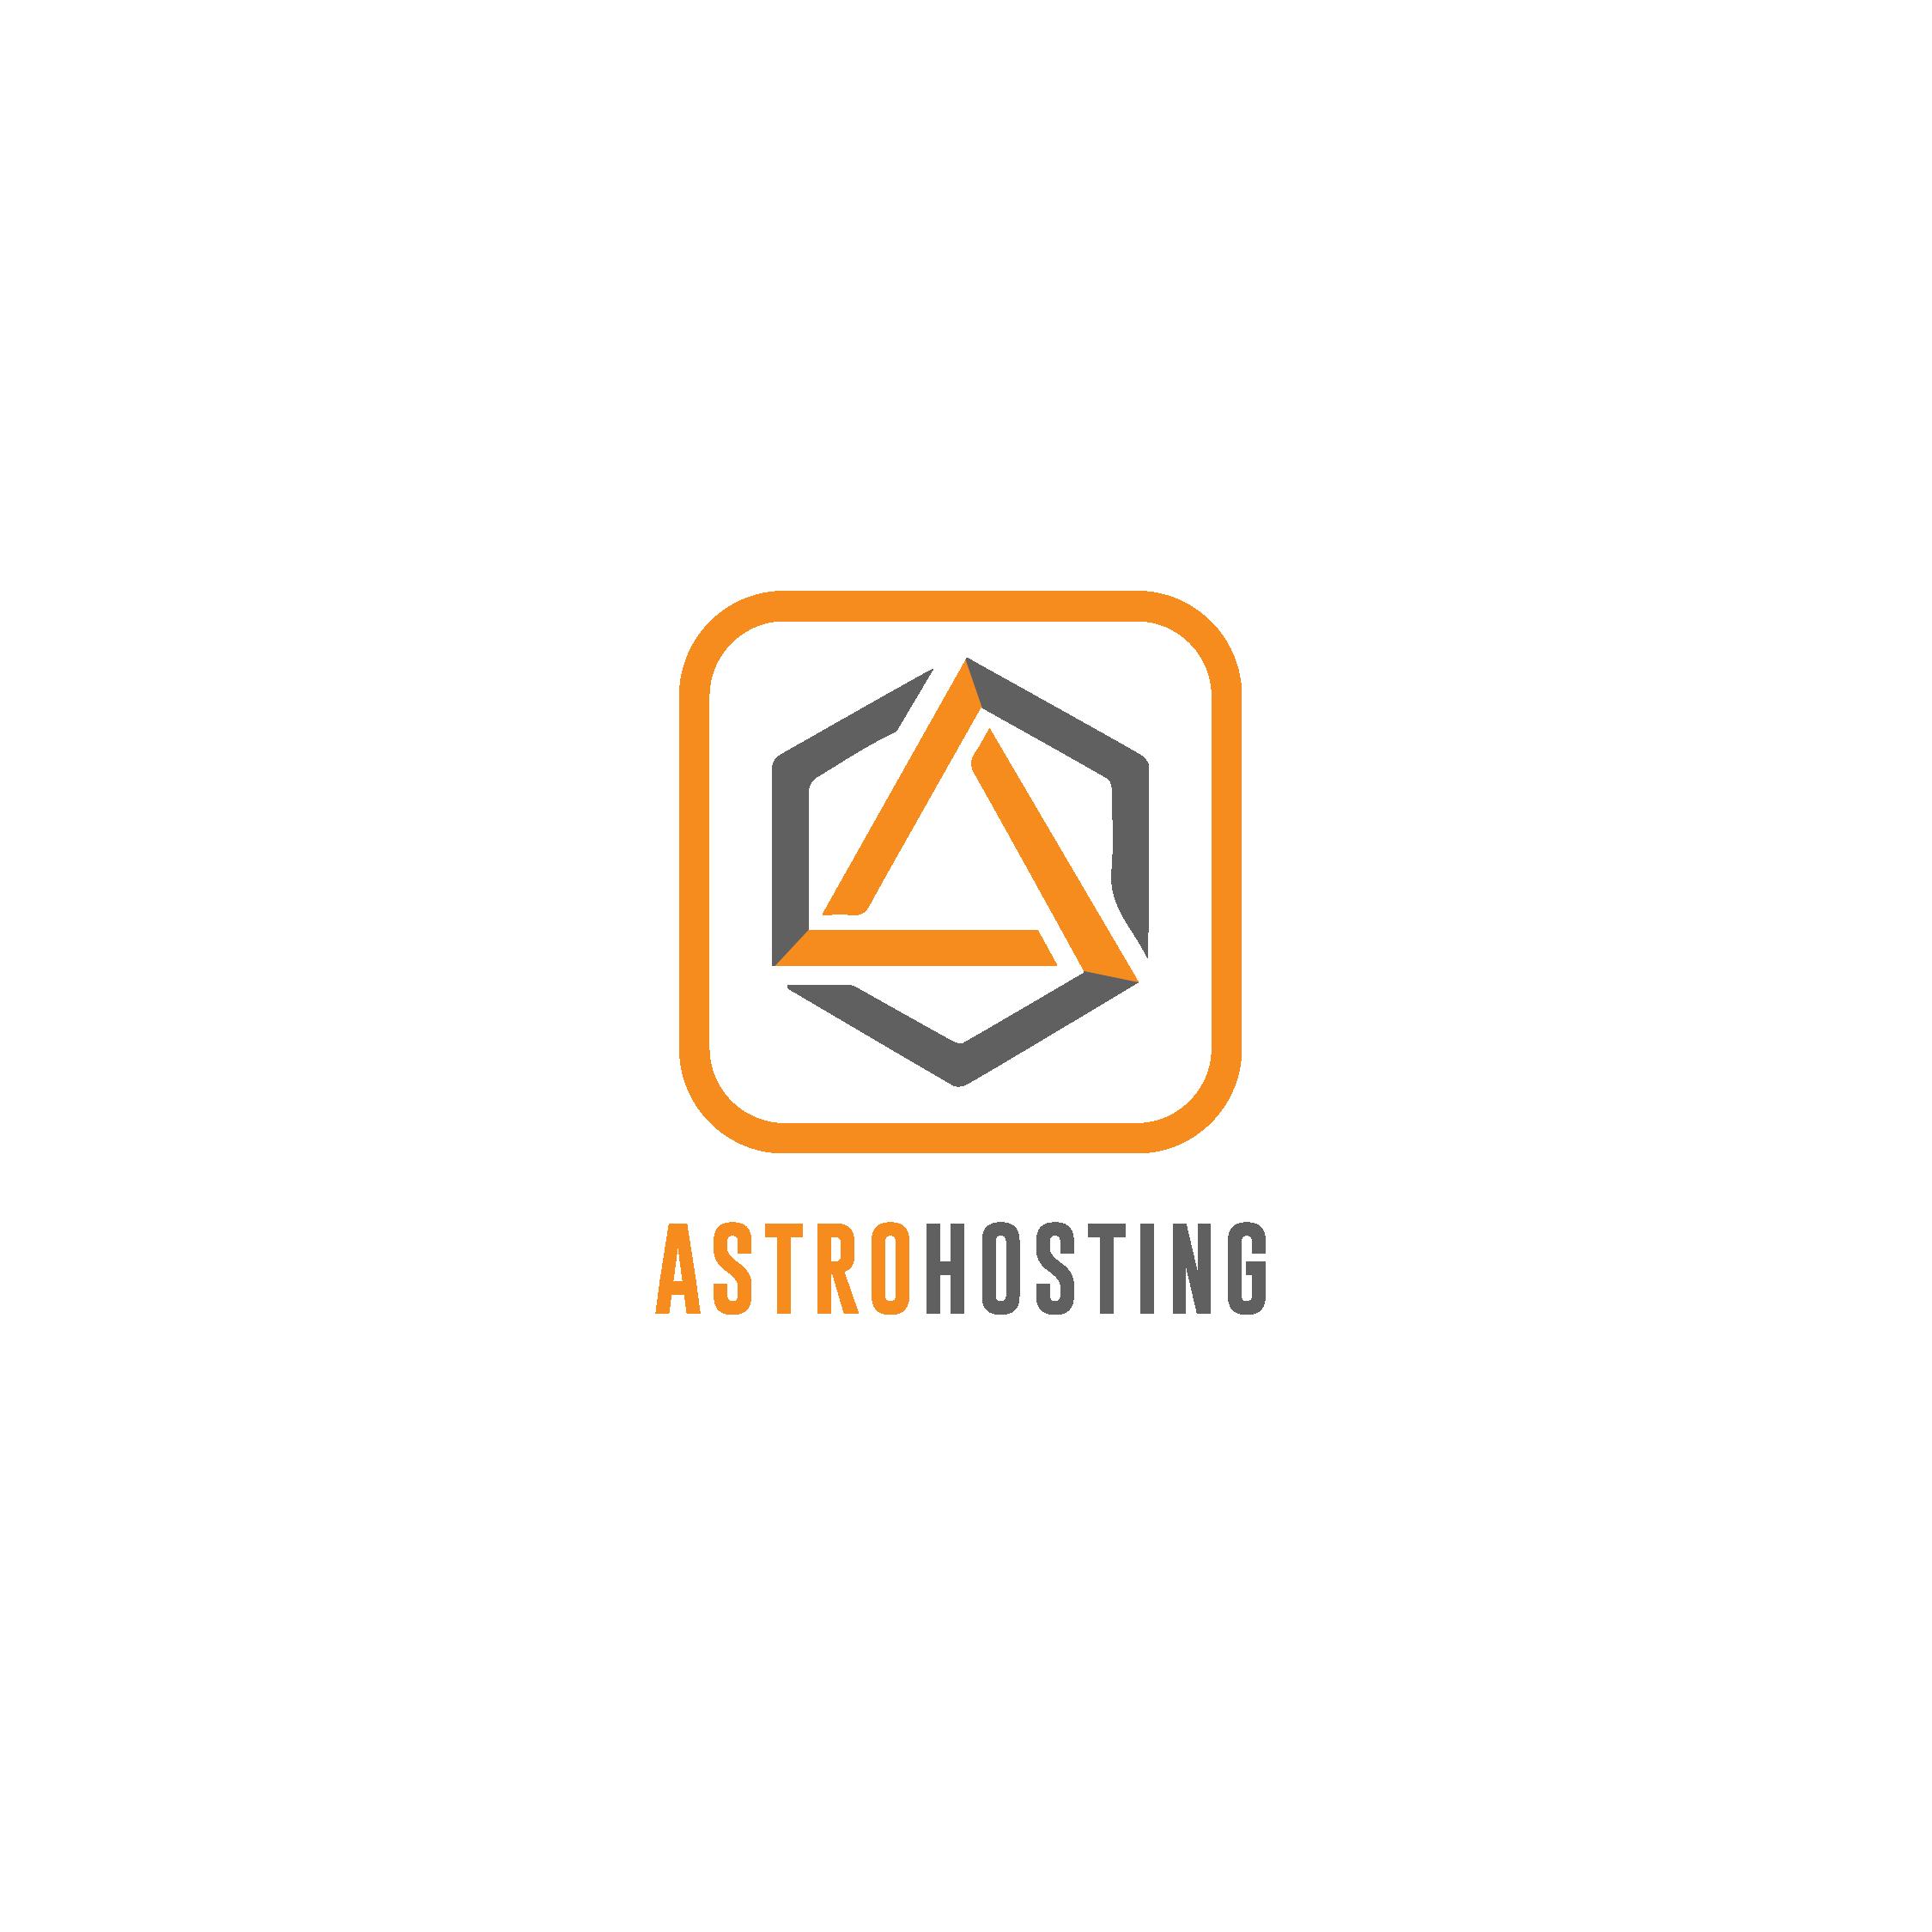 AstroHosting Original